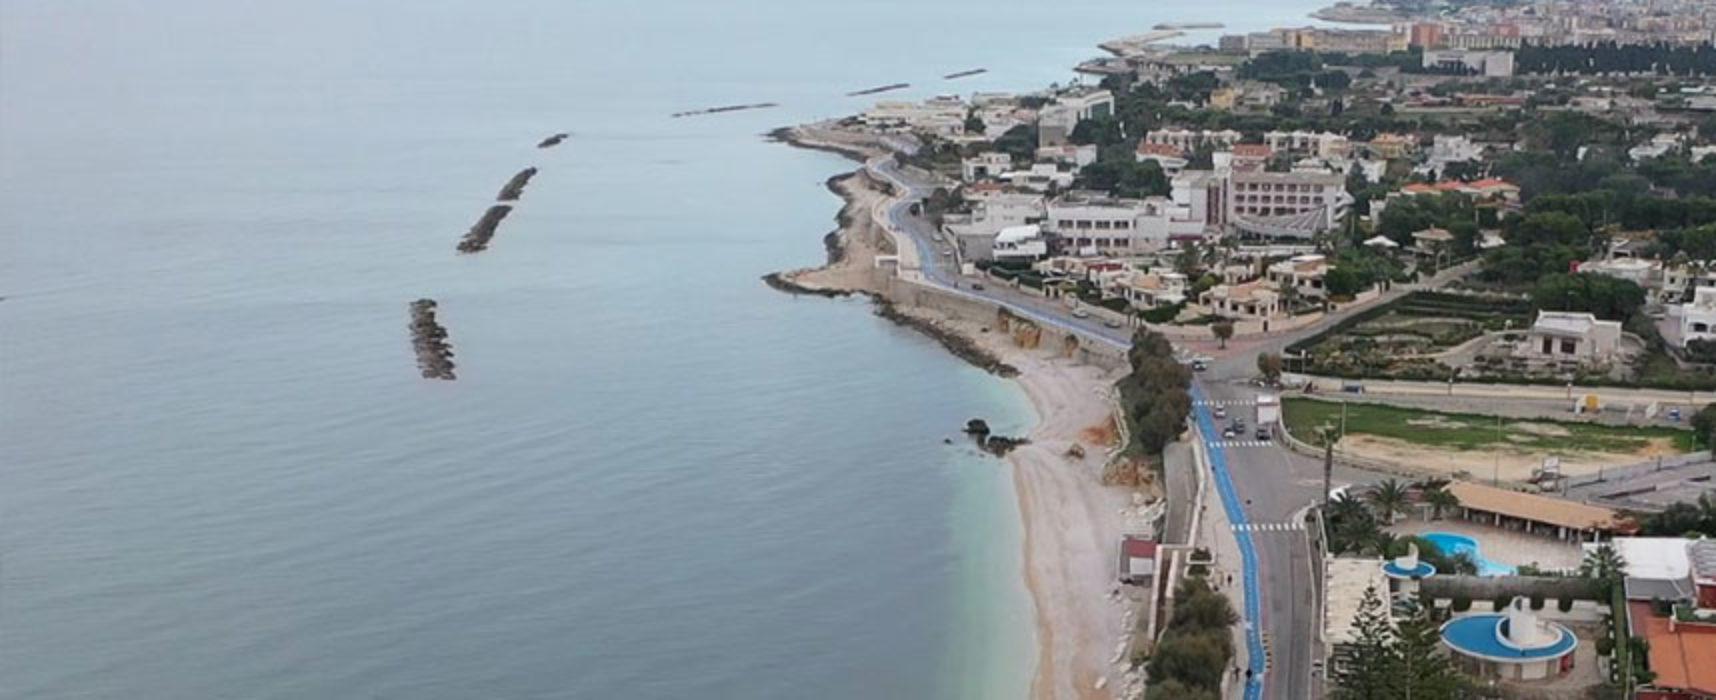 """Angarano: """"Regione erogherà contributo rafforzamento sorveglianza spiagge libere"""""""